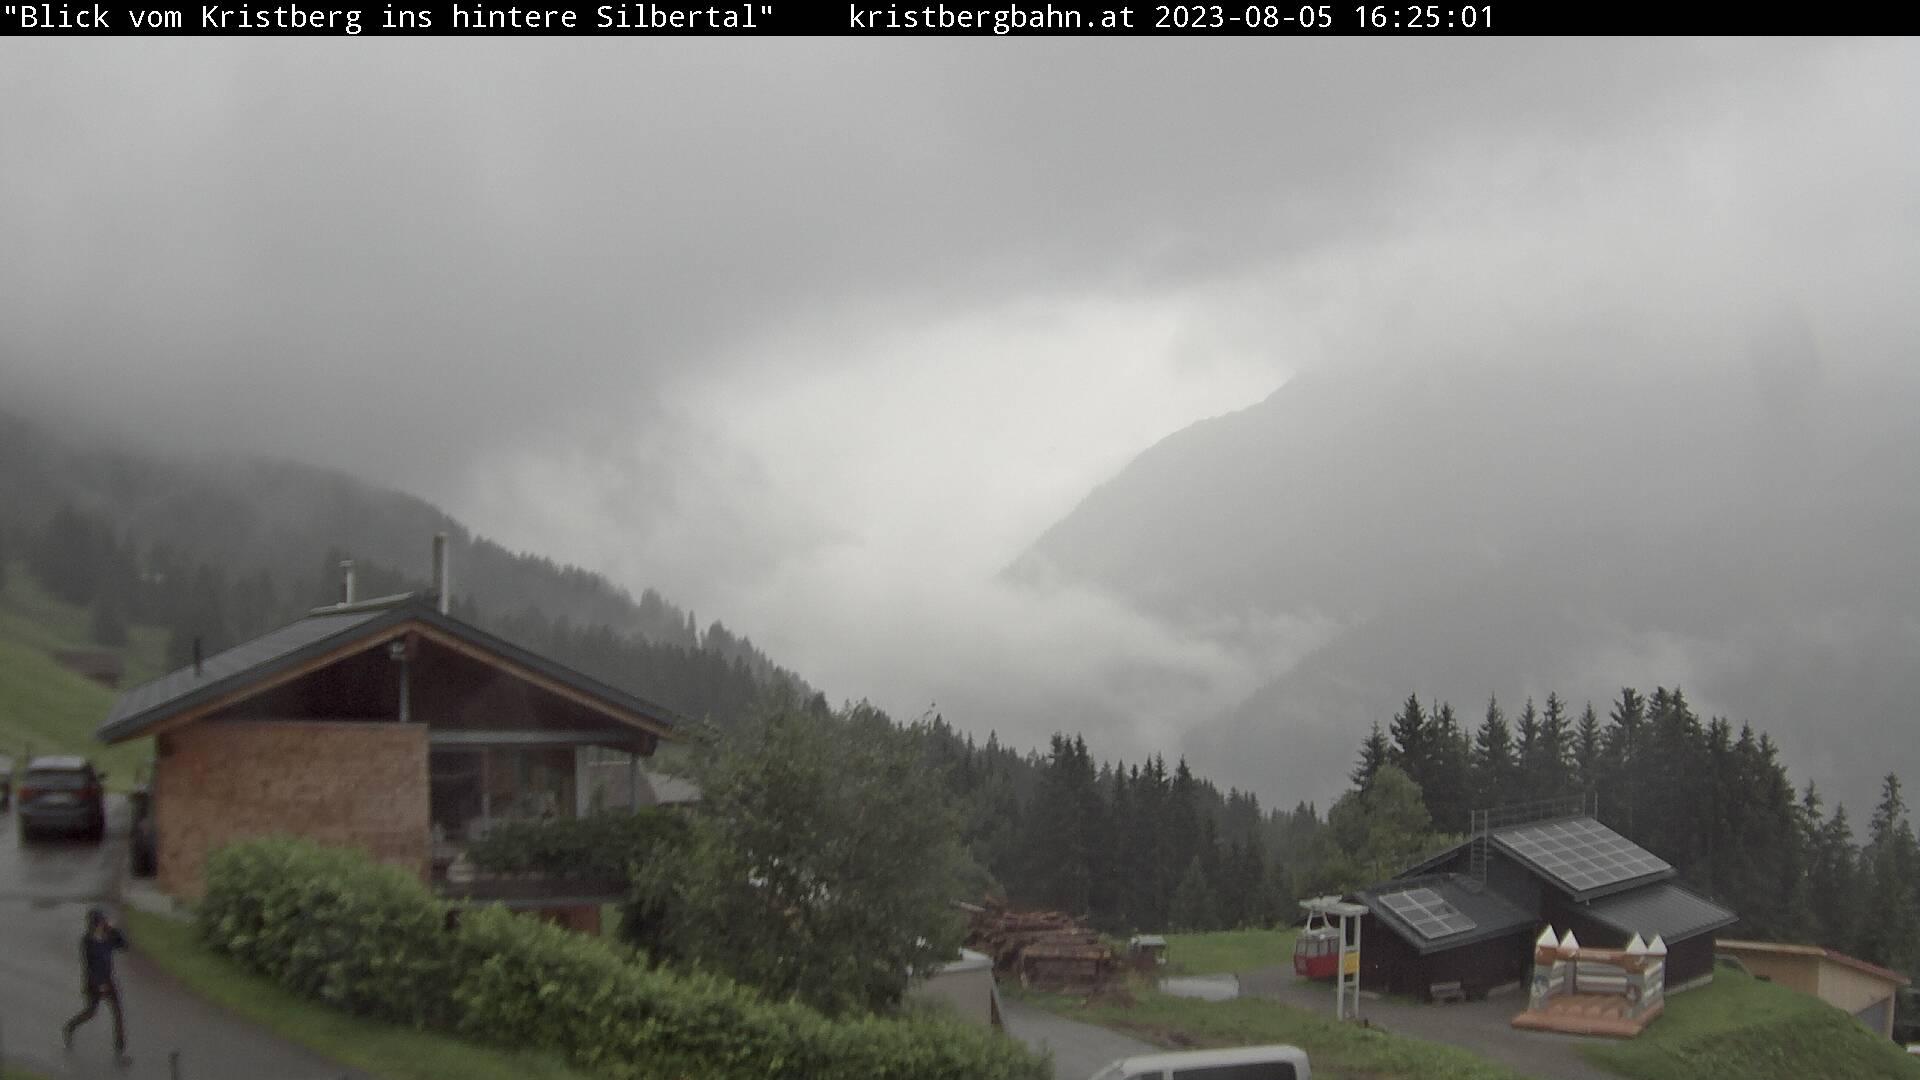 Livecam und Webcam hinteres Silbertal mit Lobspitze Kristbergbahn im Montafon